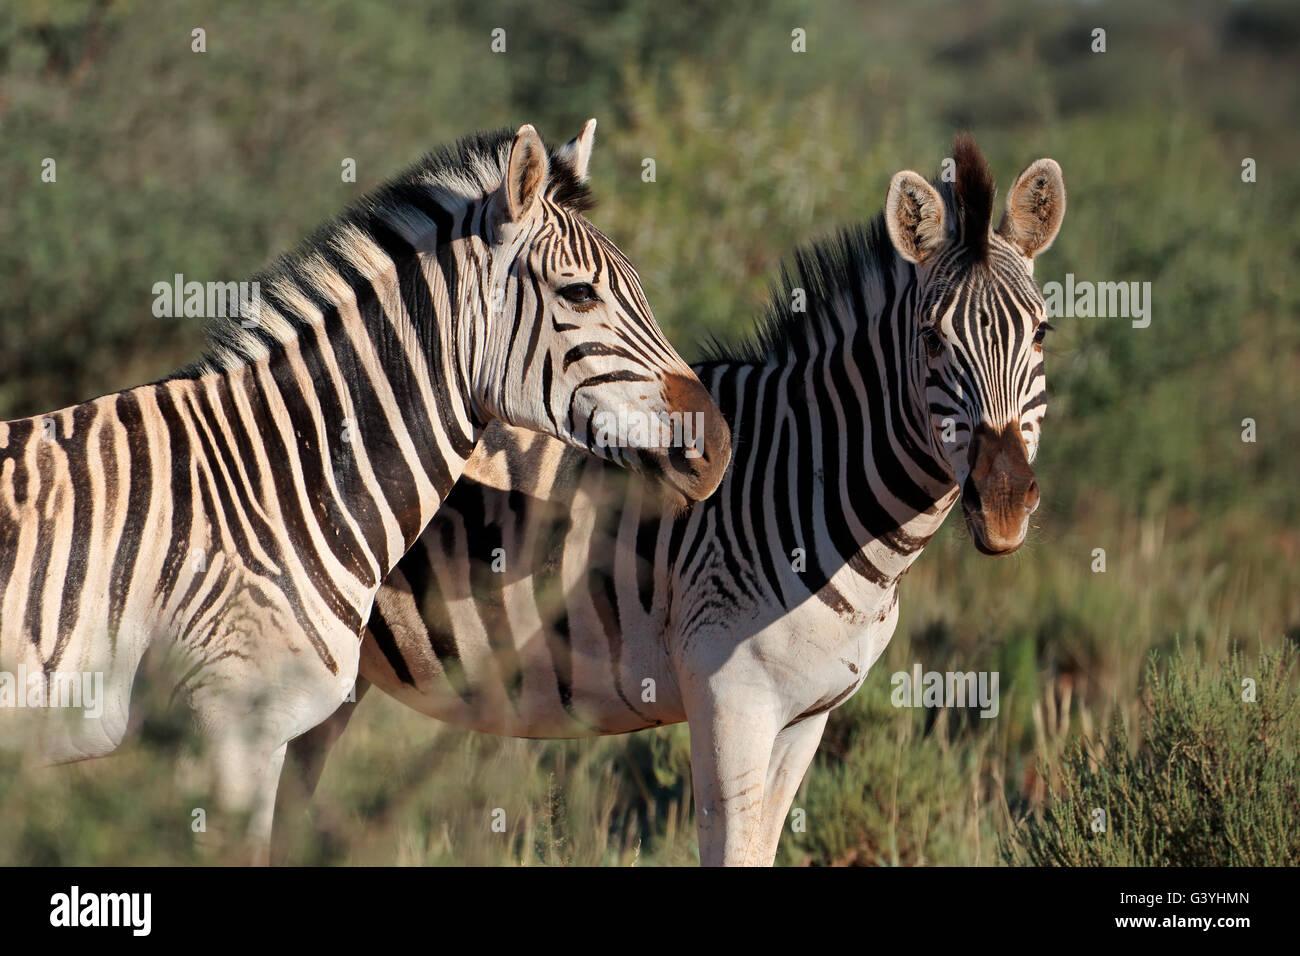 Portrait de deux plaines (Burchell) zèbres (Equus burchelli), Afrique du Sud Photo Stock